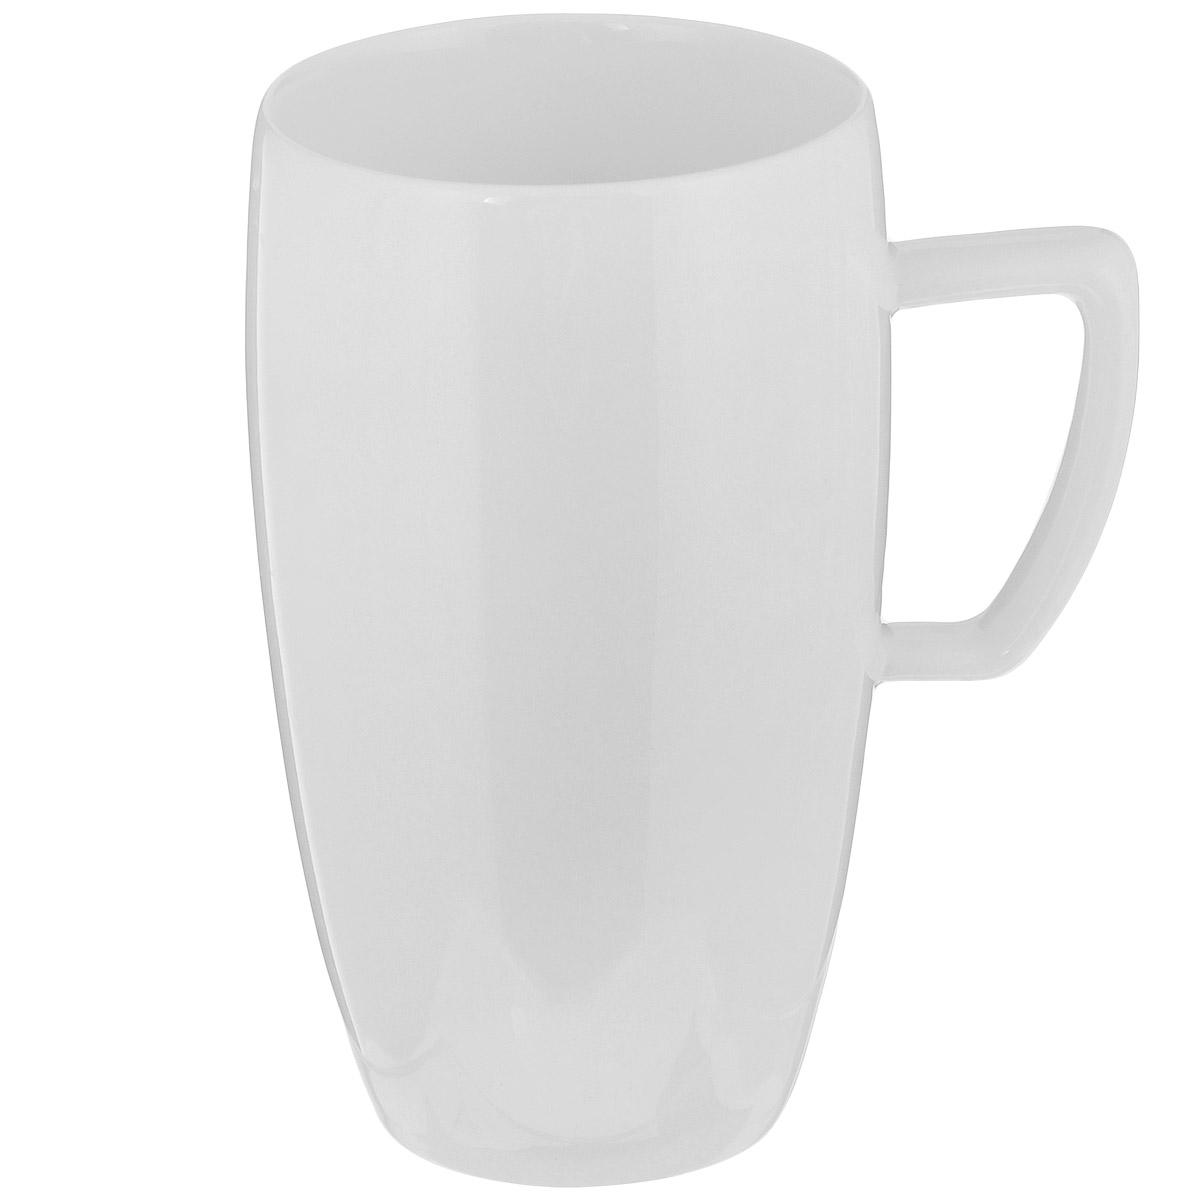 Чашка для кофе латте Tescoma Crema, 500 мл115510Чашка Tescoma Crema выполнена из высококачественного фарфора однотонного цвета и прекрасно подойдет для вашей кухни. Чашка изысканно украсит сервировку как обеденного, так и праздничного стола. Предназначена подачи кофе латте. Пригодна для использования в микроволновой печи. Можно мыть в посудомоечной машине.Диаметр по верхнему краю: 8 см.Высота: 14 см.Объем: 500 мл.